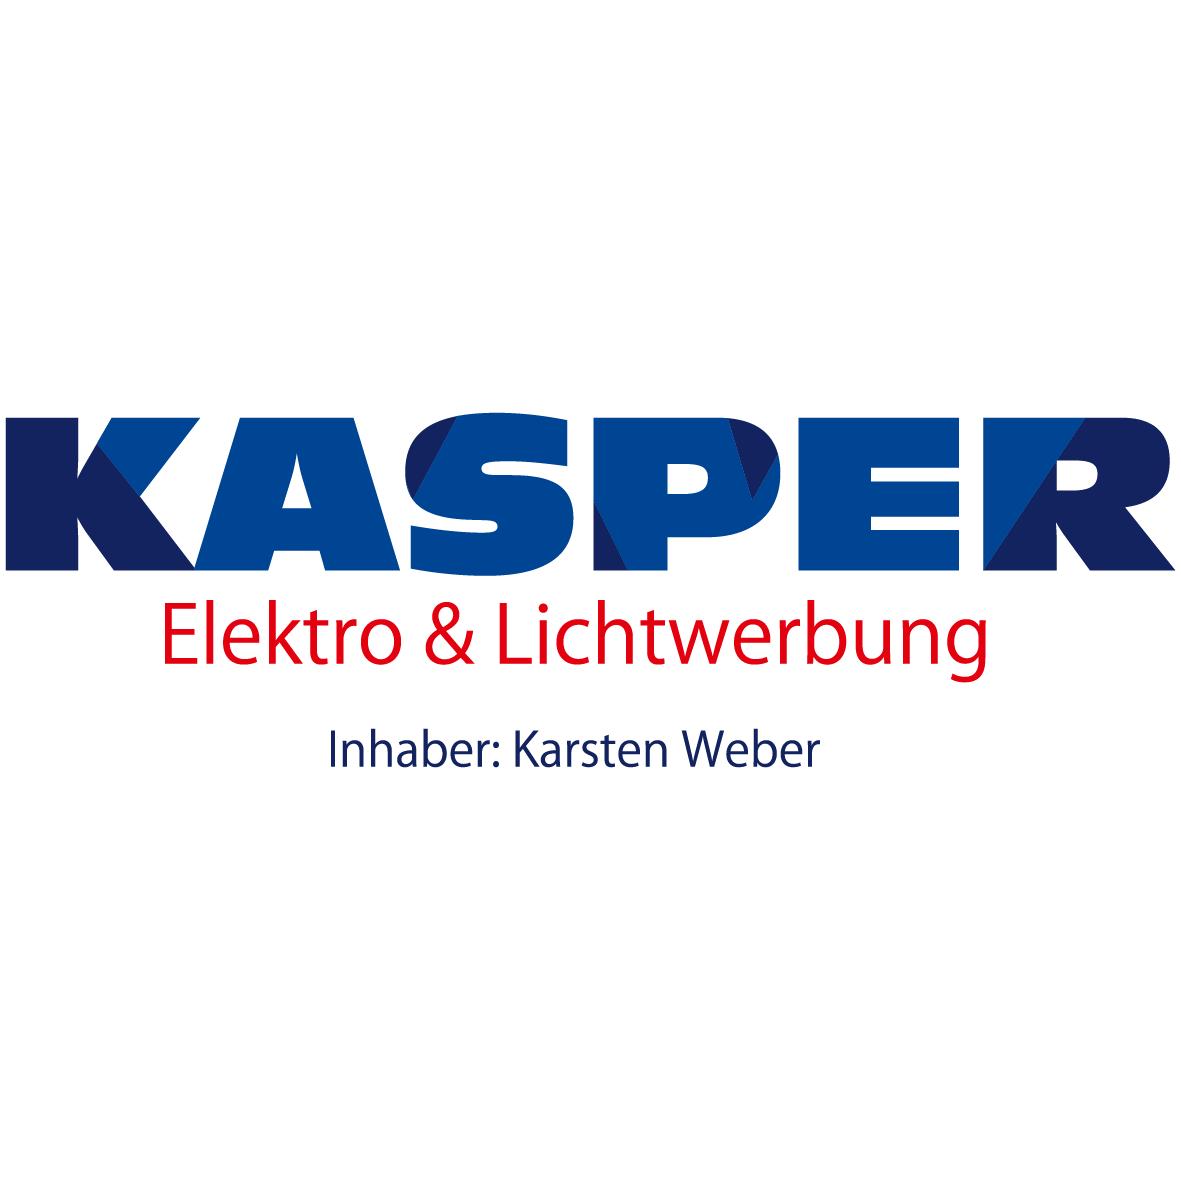 Bild zu Kasper Elektro & Lichtwerbung Inh. Karsten Weber in Schallstadt